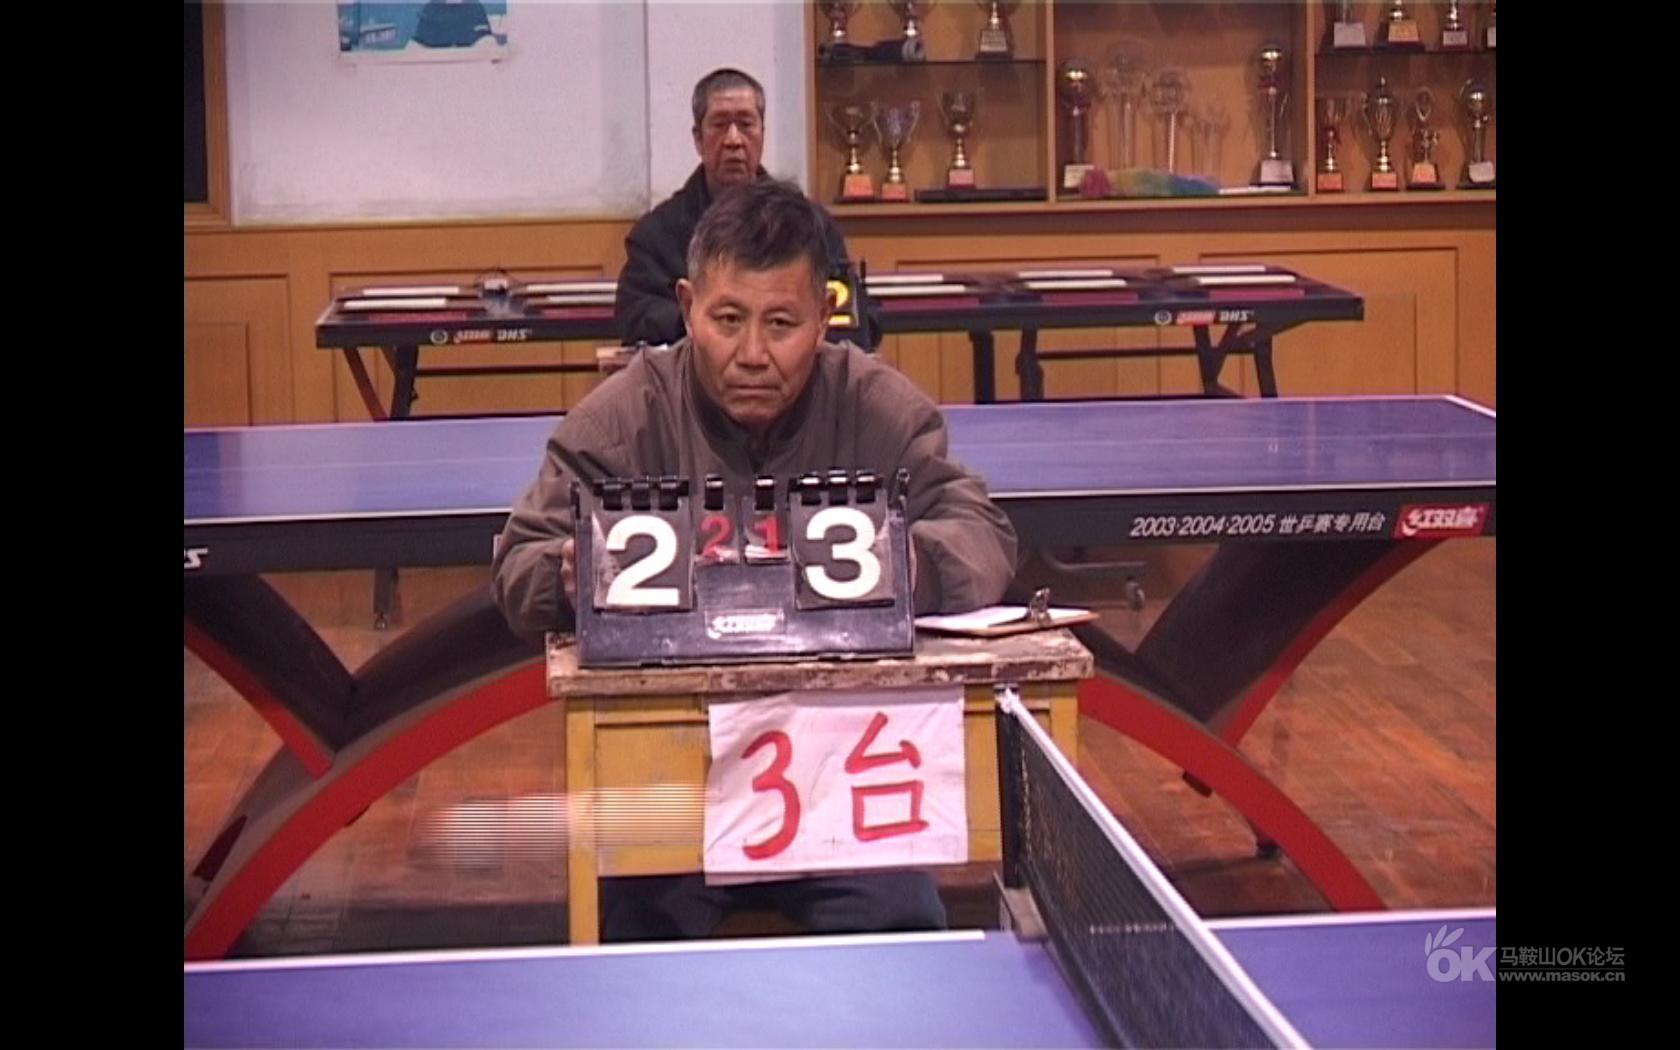 2010年马鞍山市中小学乒乓球v轮滑即时报道-2017轮滑国际比赛结果图片